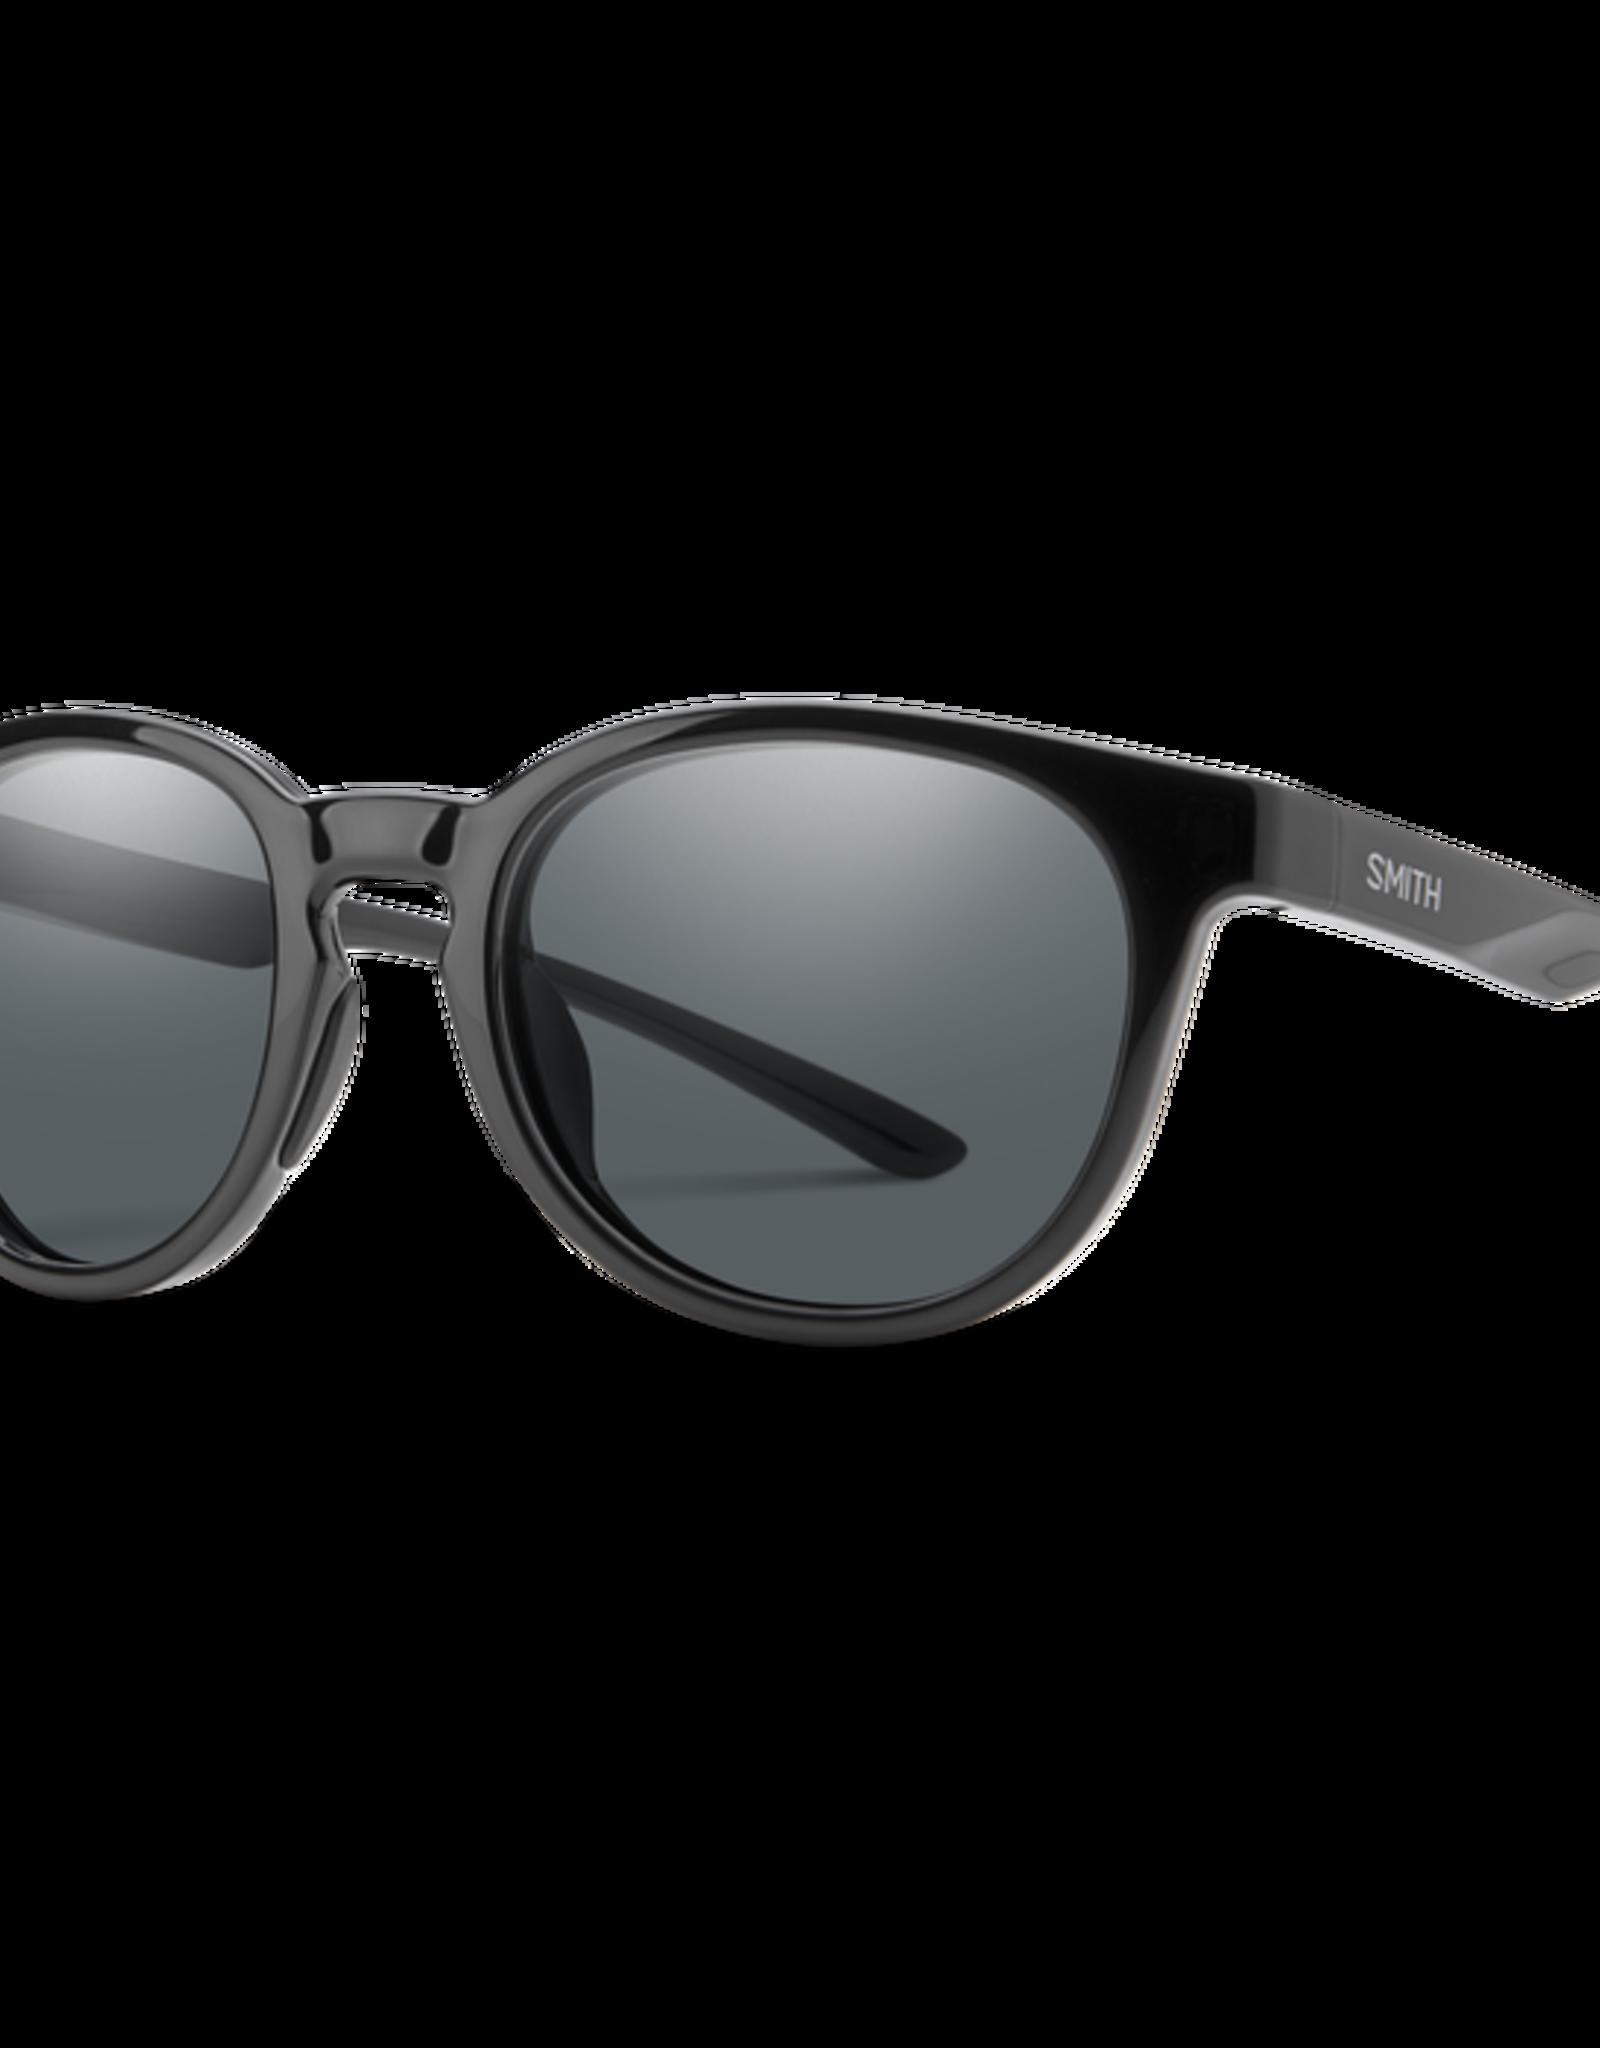 Smith Optics Smith - EASTBANK - Black w/ Gray